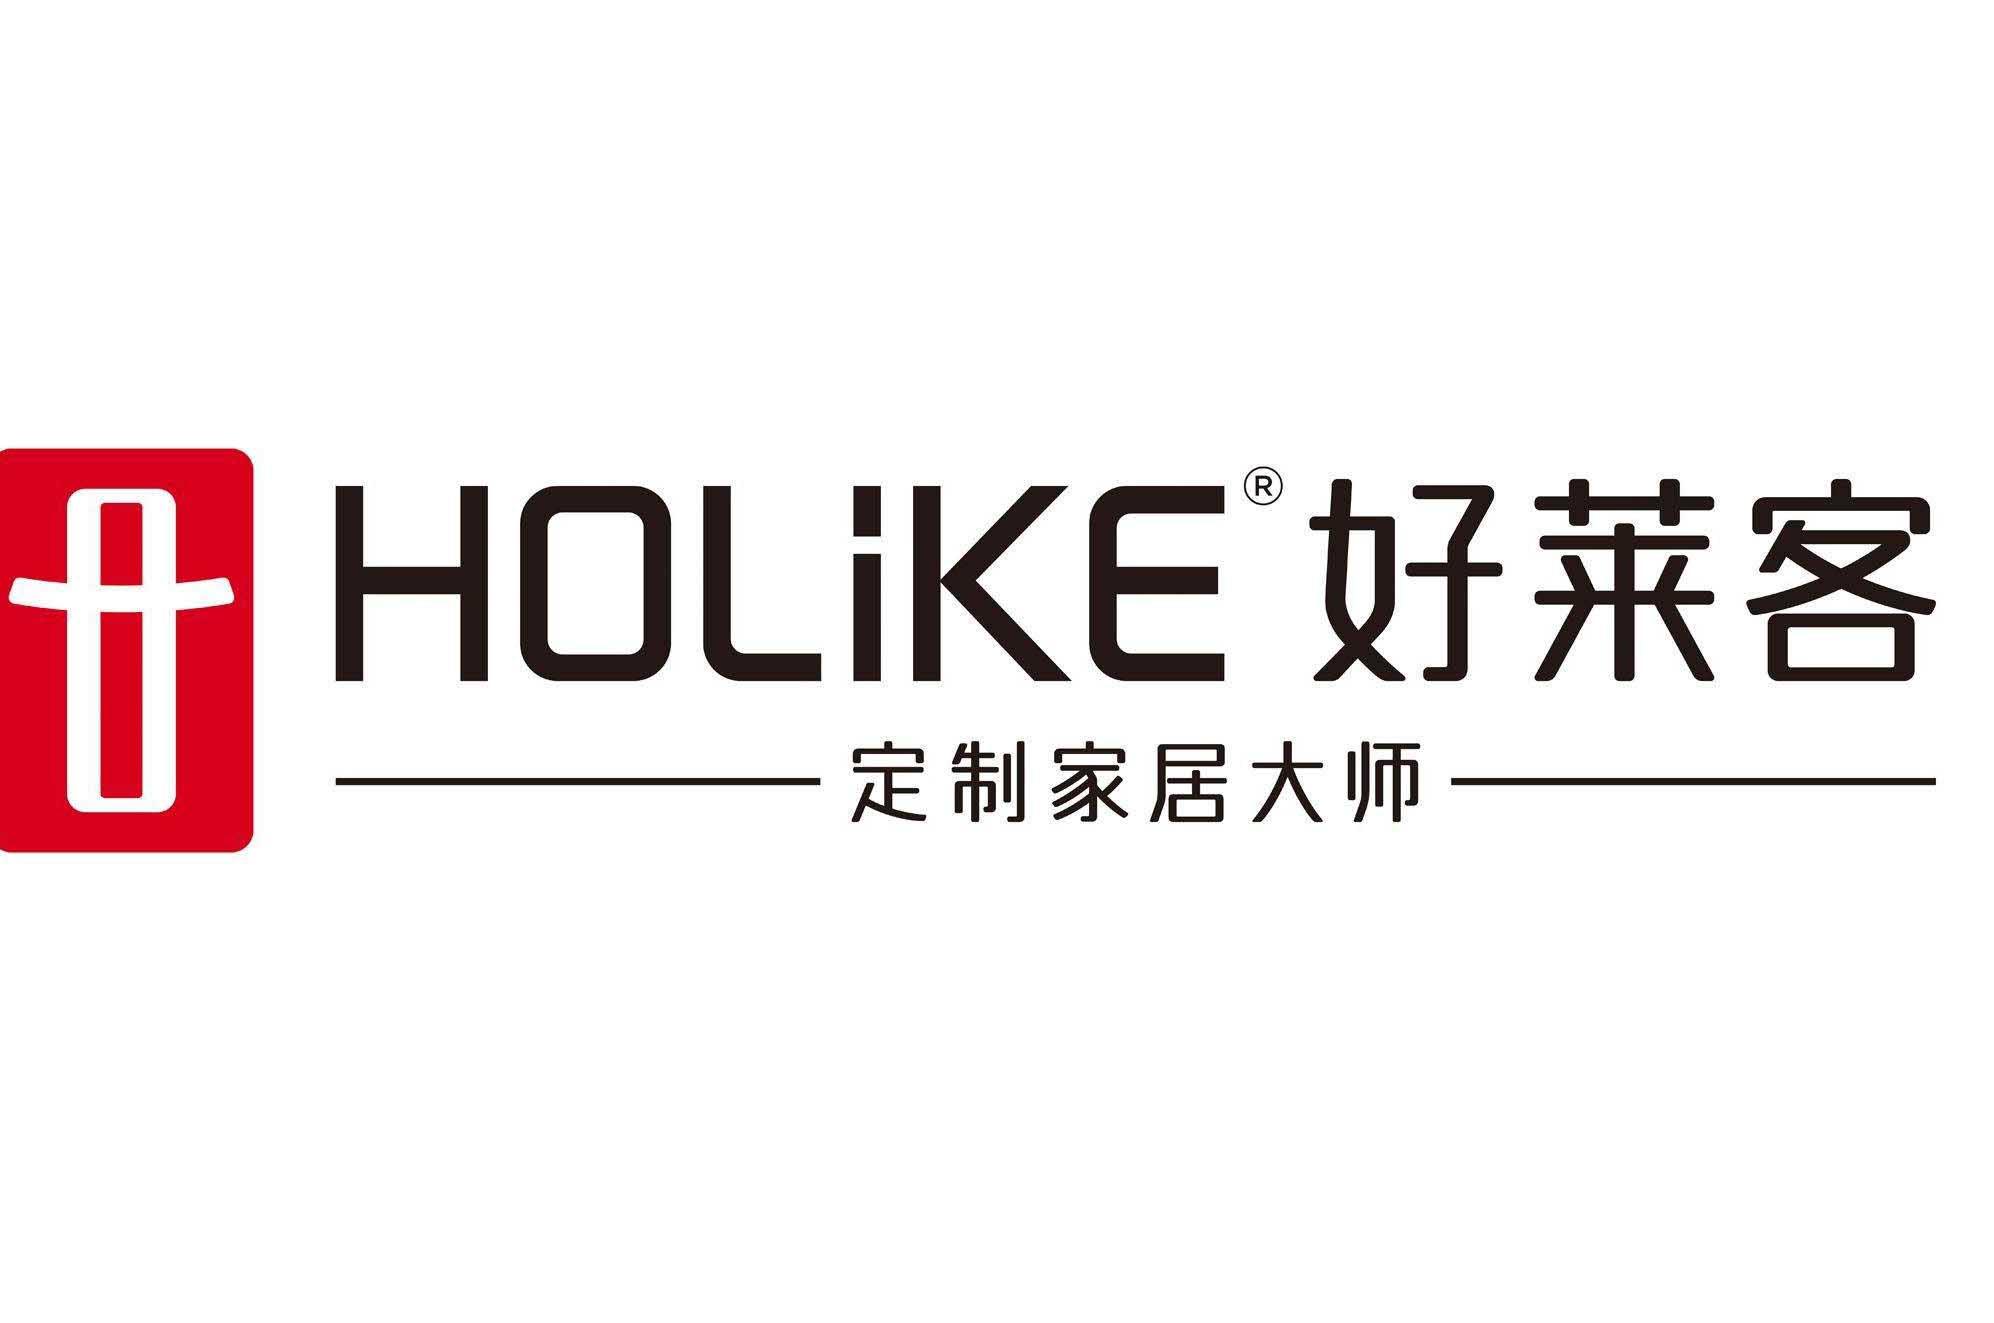 好莱客7亿元收购千川木门51%股权